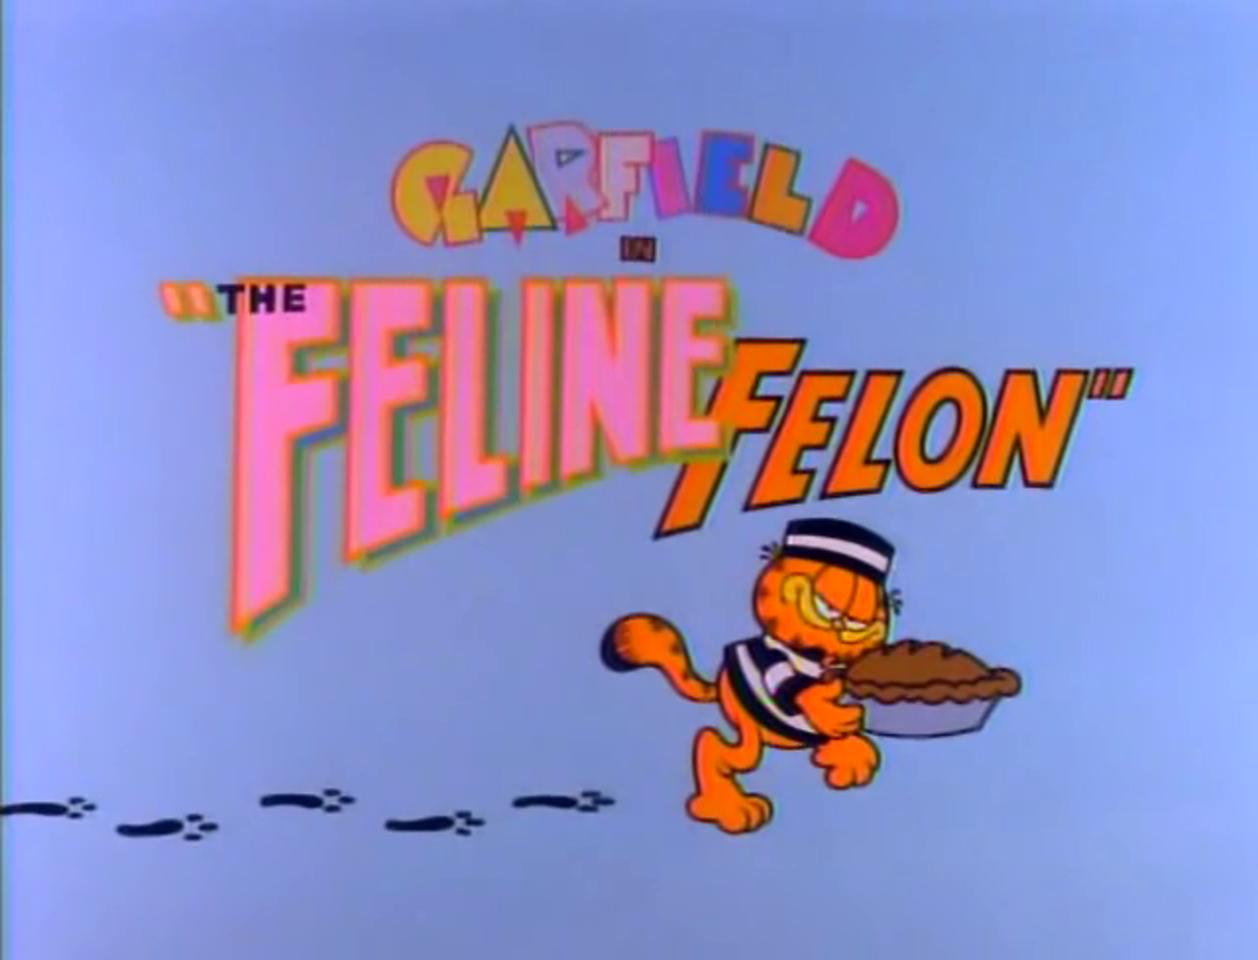 The Feline Felon